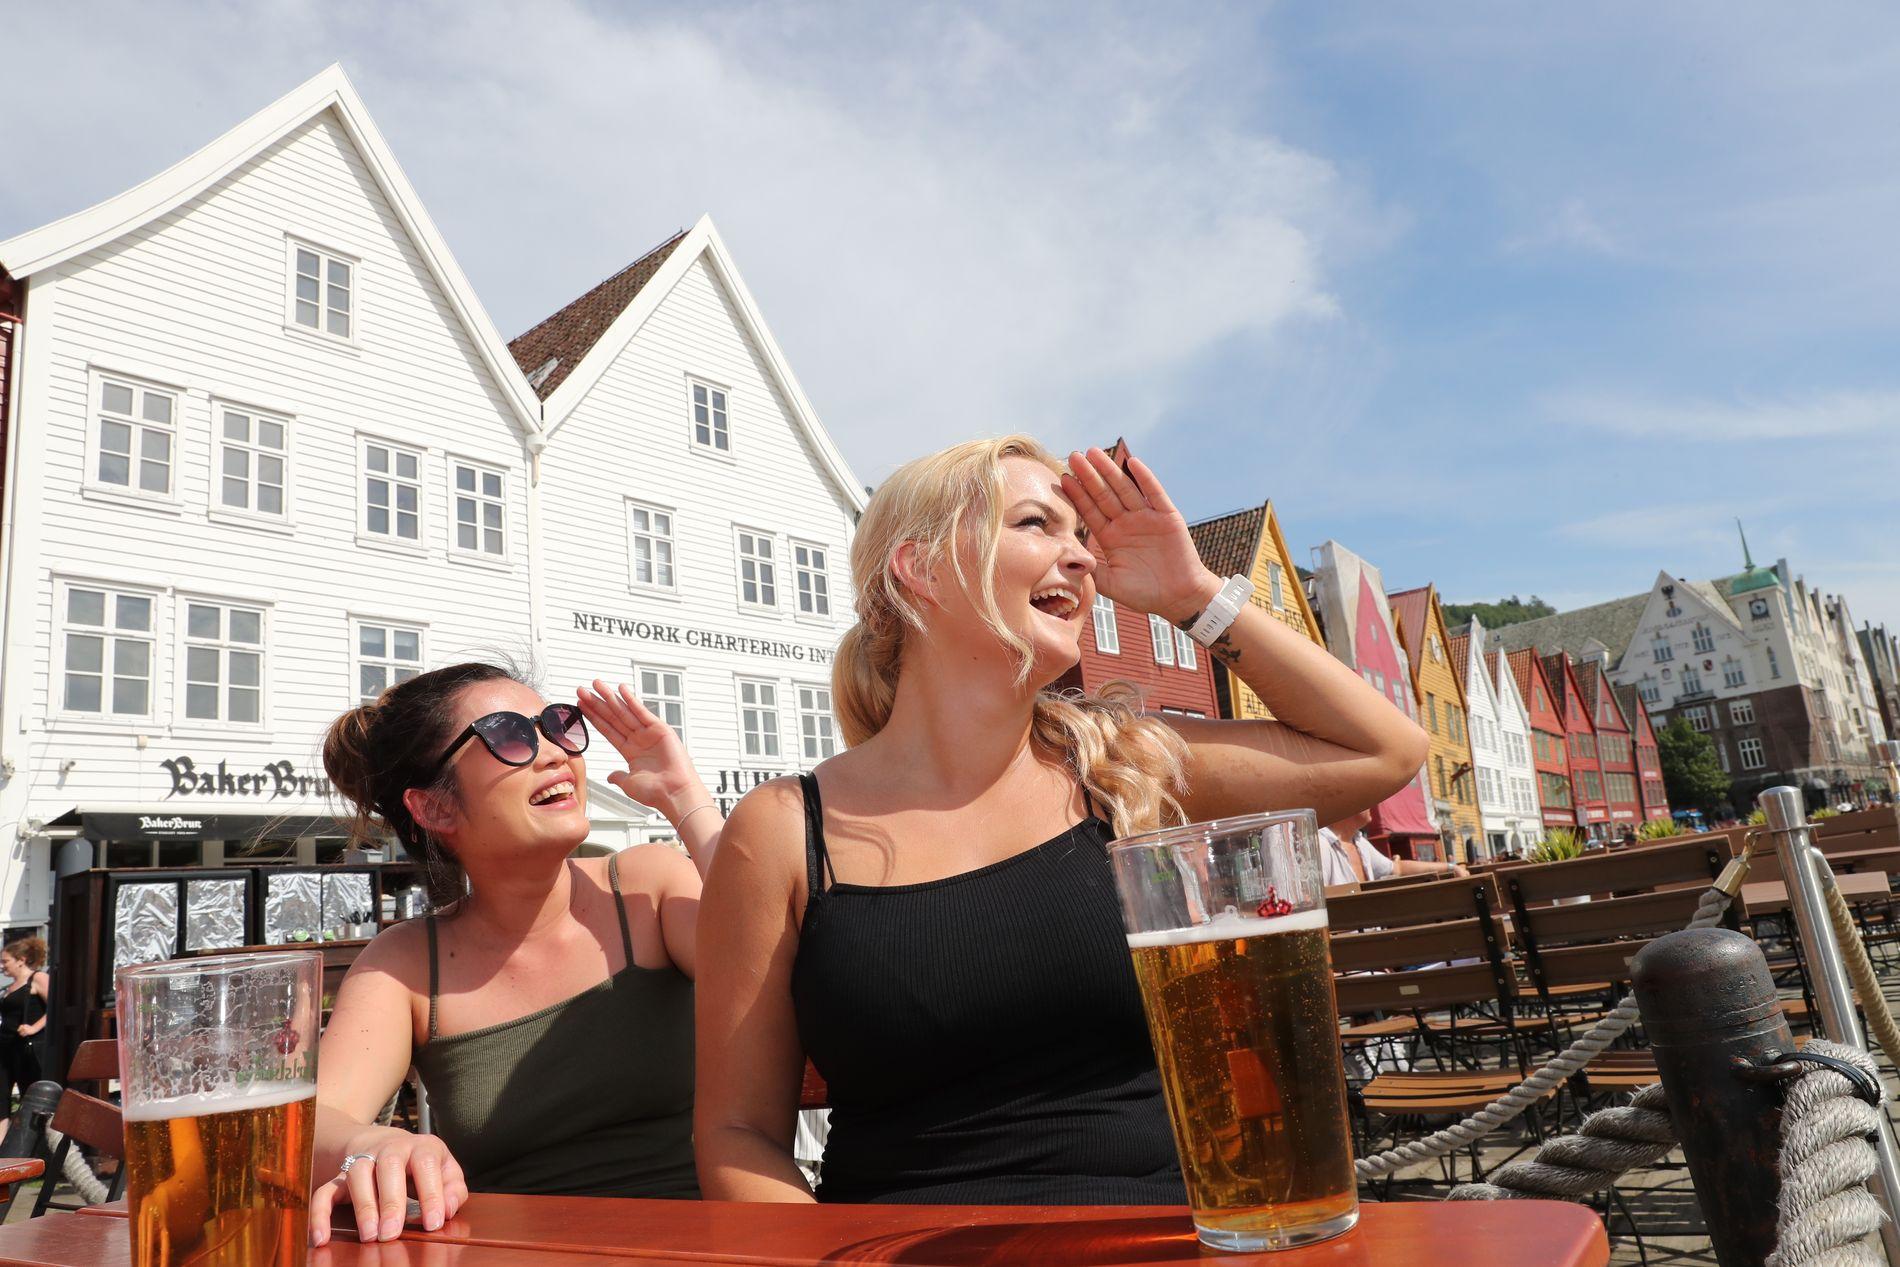 REKORDVARME: Sist fredag satte Bergen ny varmerekord med 32,9 grader i sentrum. Phonnipha Støverstein (tv.) og Borghild Grindheim (22) nøt været på Bryggen.